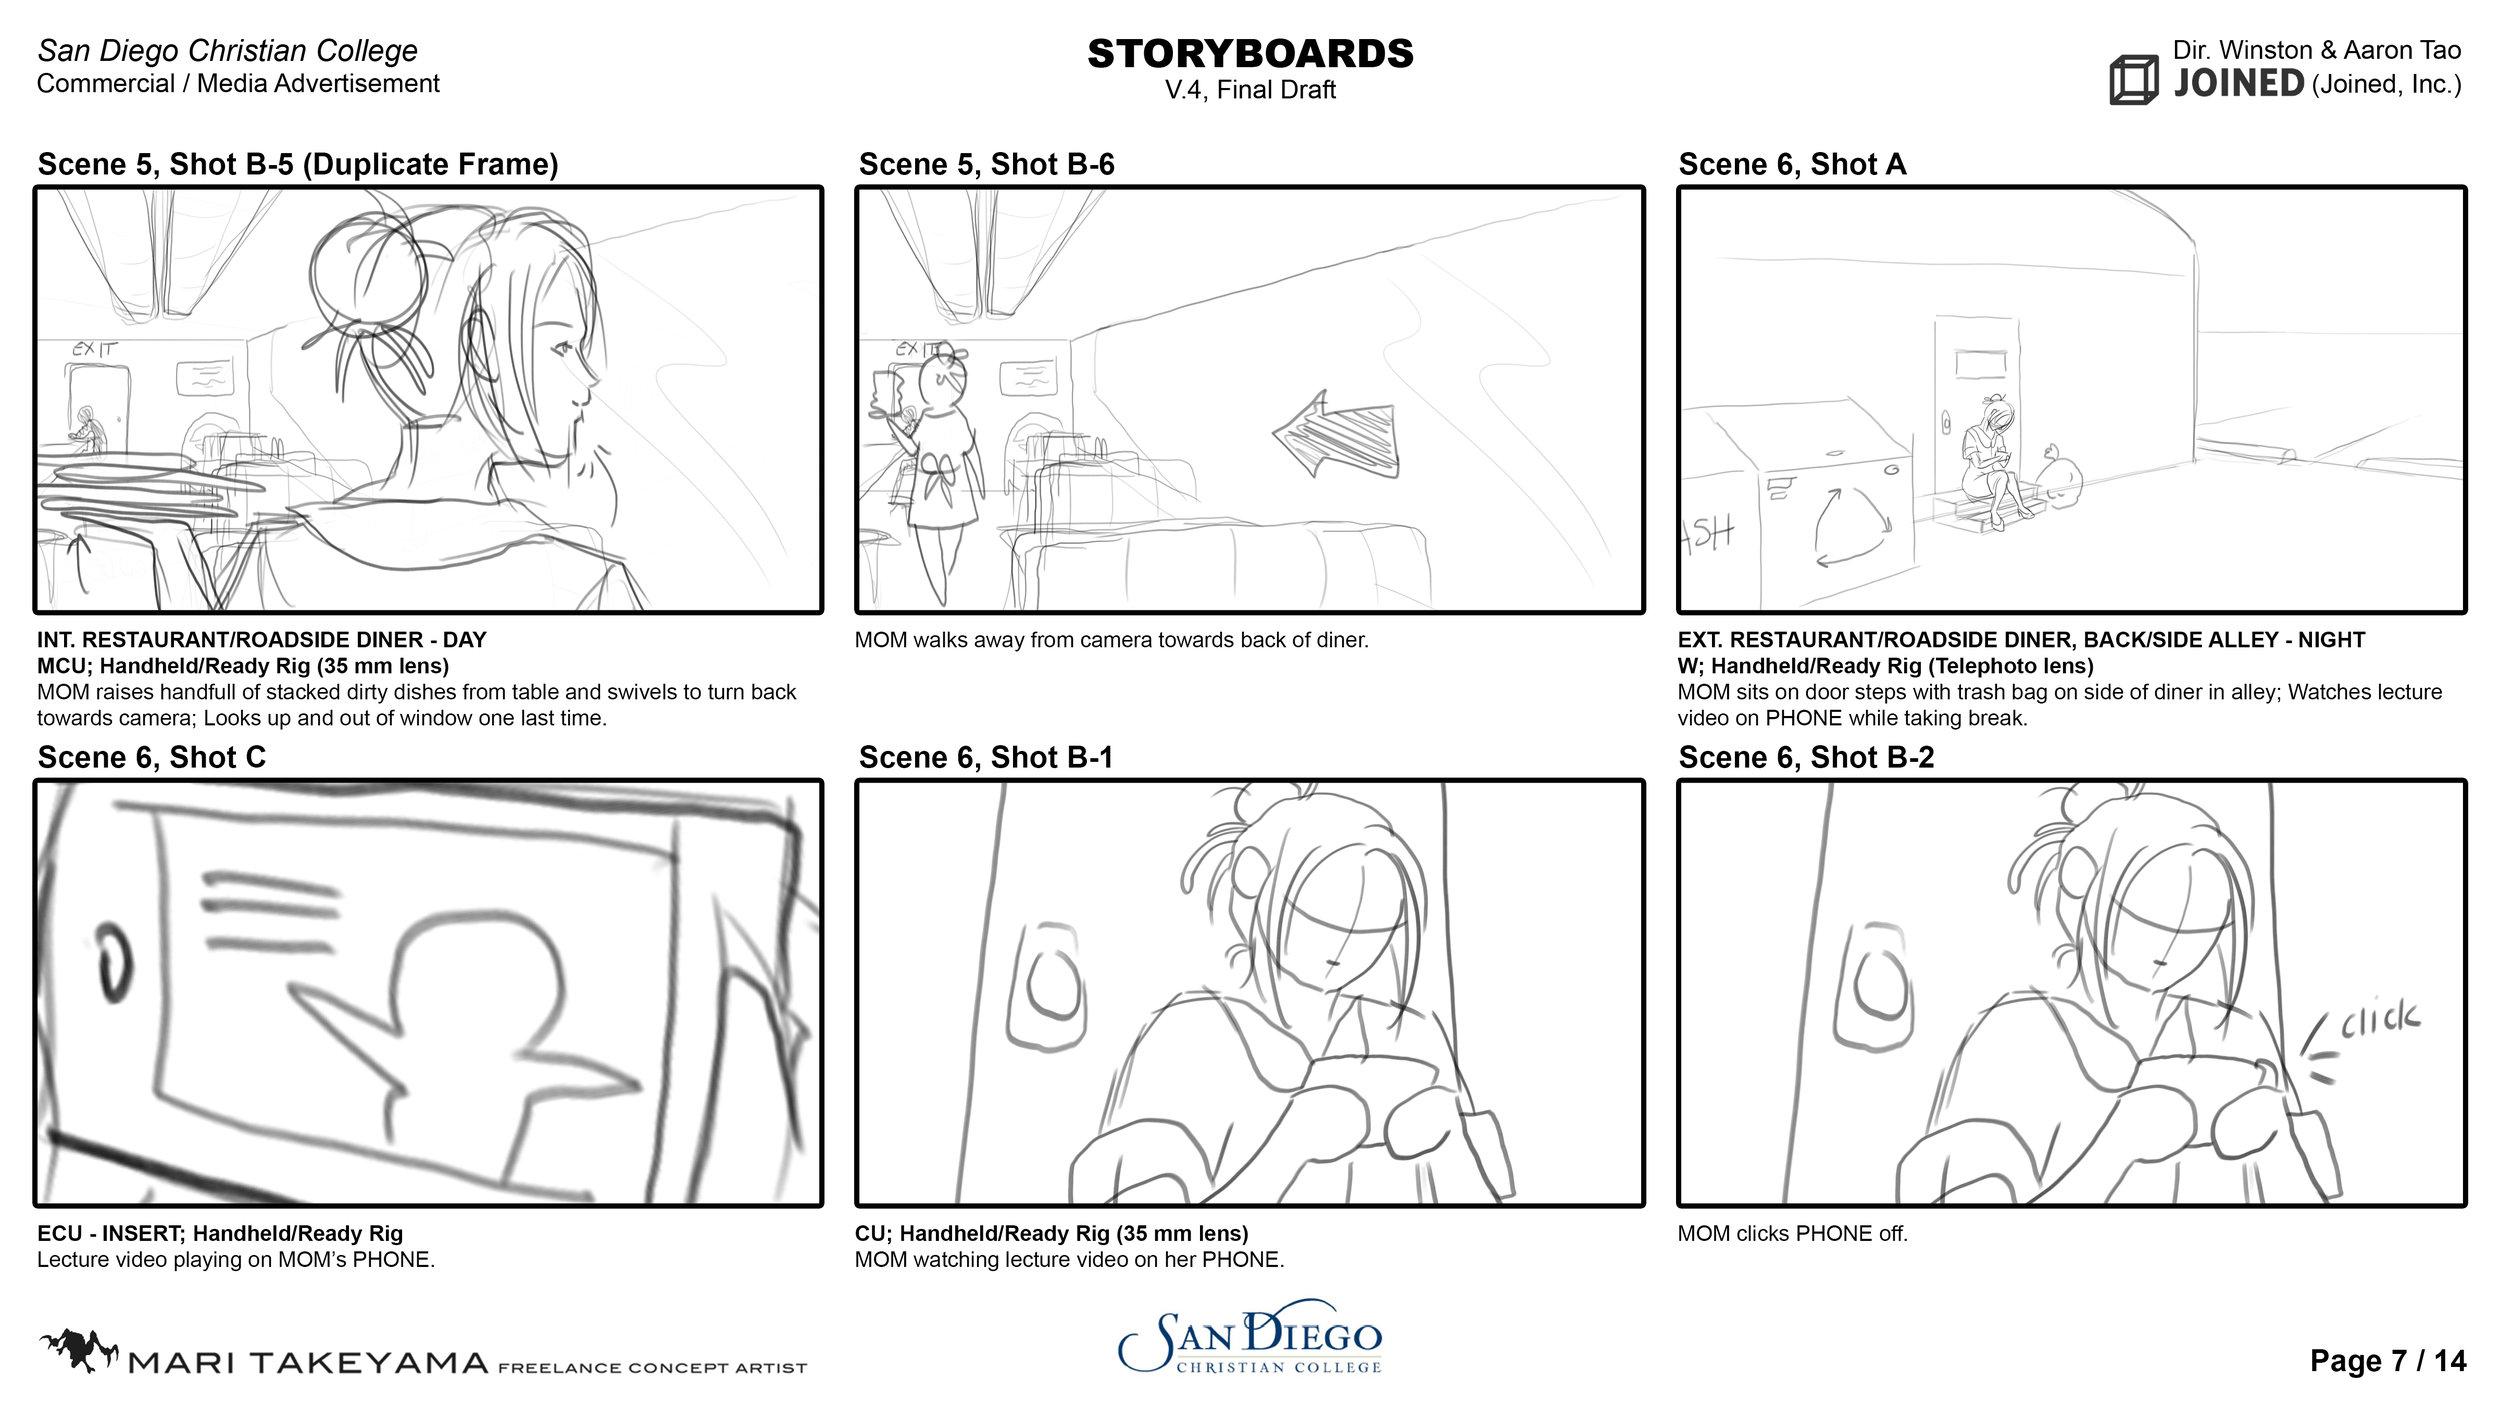 SDCC_Storyboards_FinalDraft_10.jpg